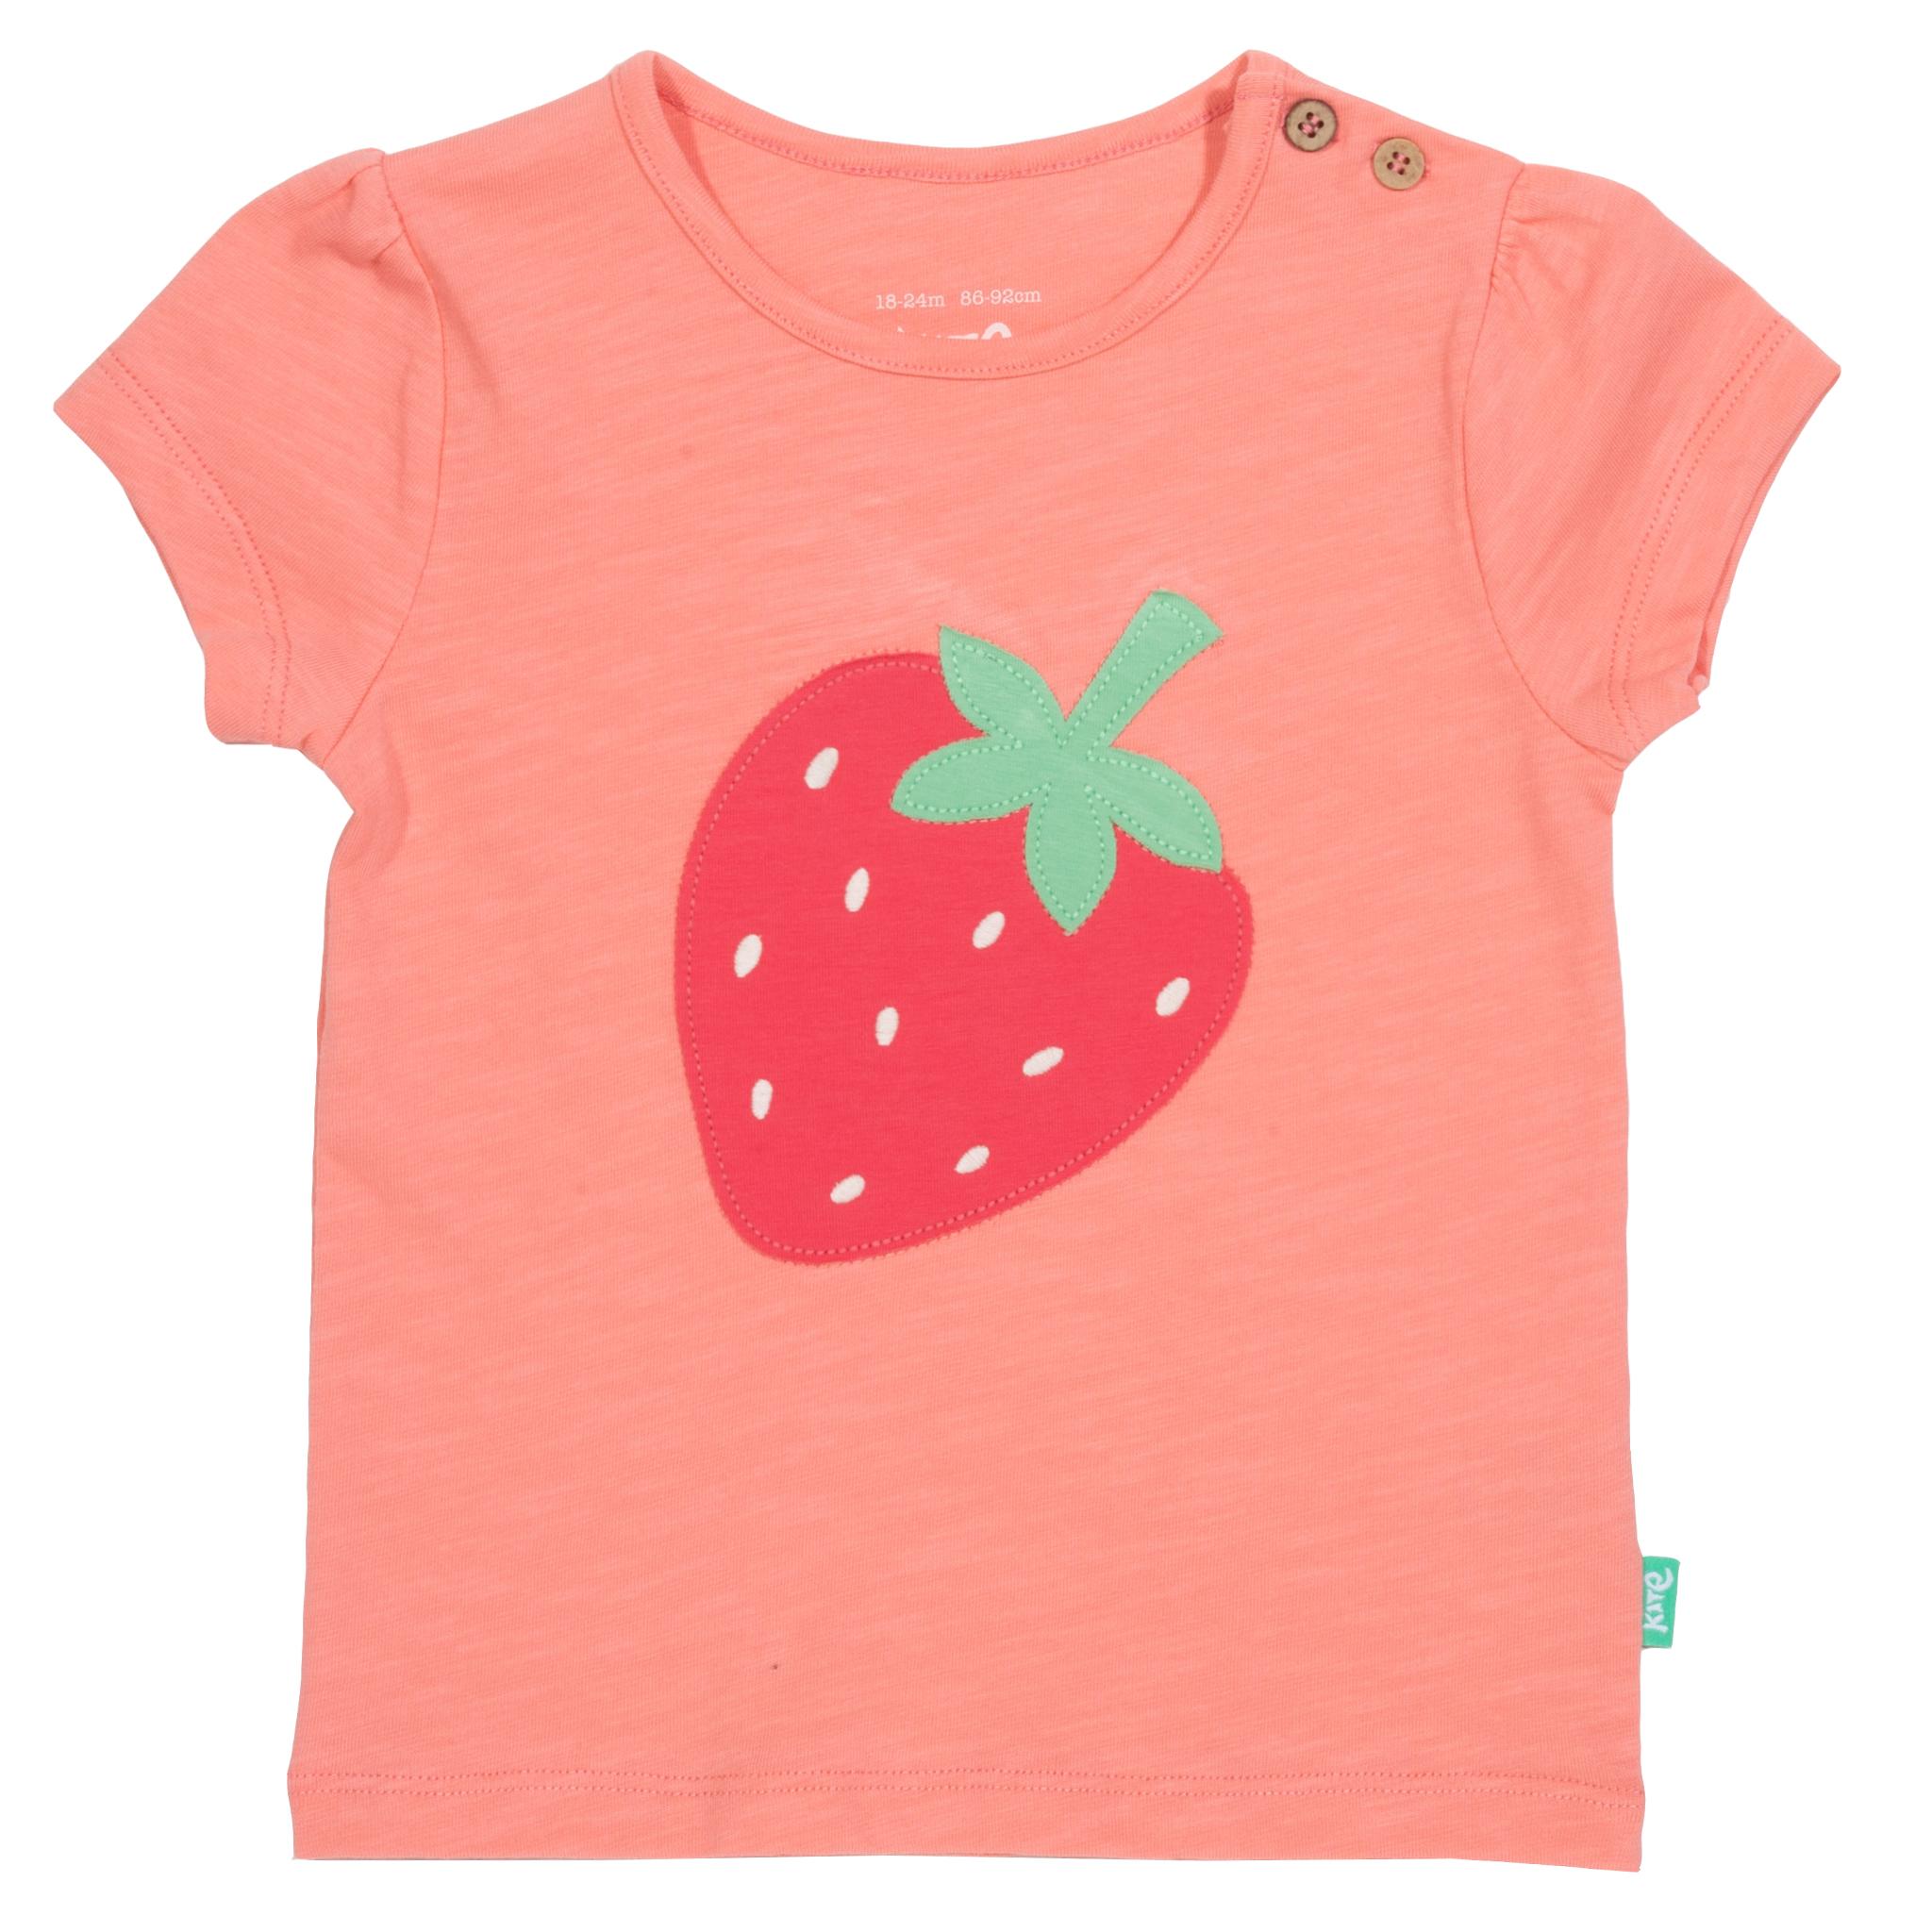 Kite Strawberry T Shirt